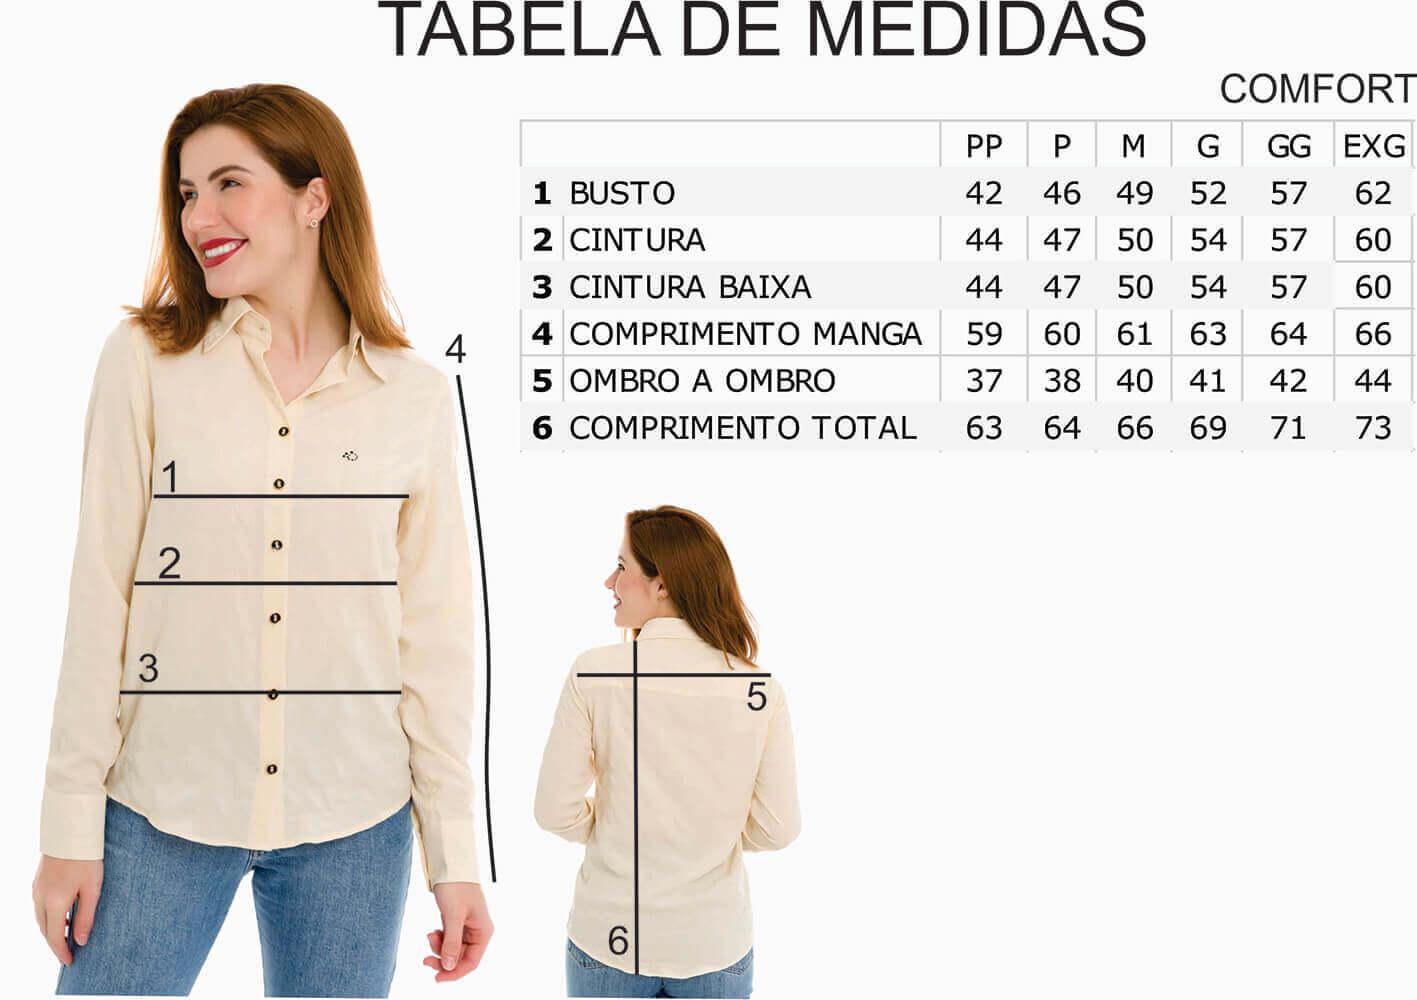 Camisa Camisete Feminino Olimpo Viscose Fio 80 Com Amarração Frente Manga Longa Preta